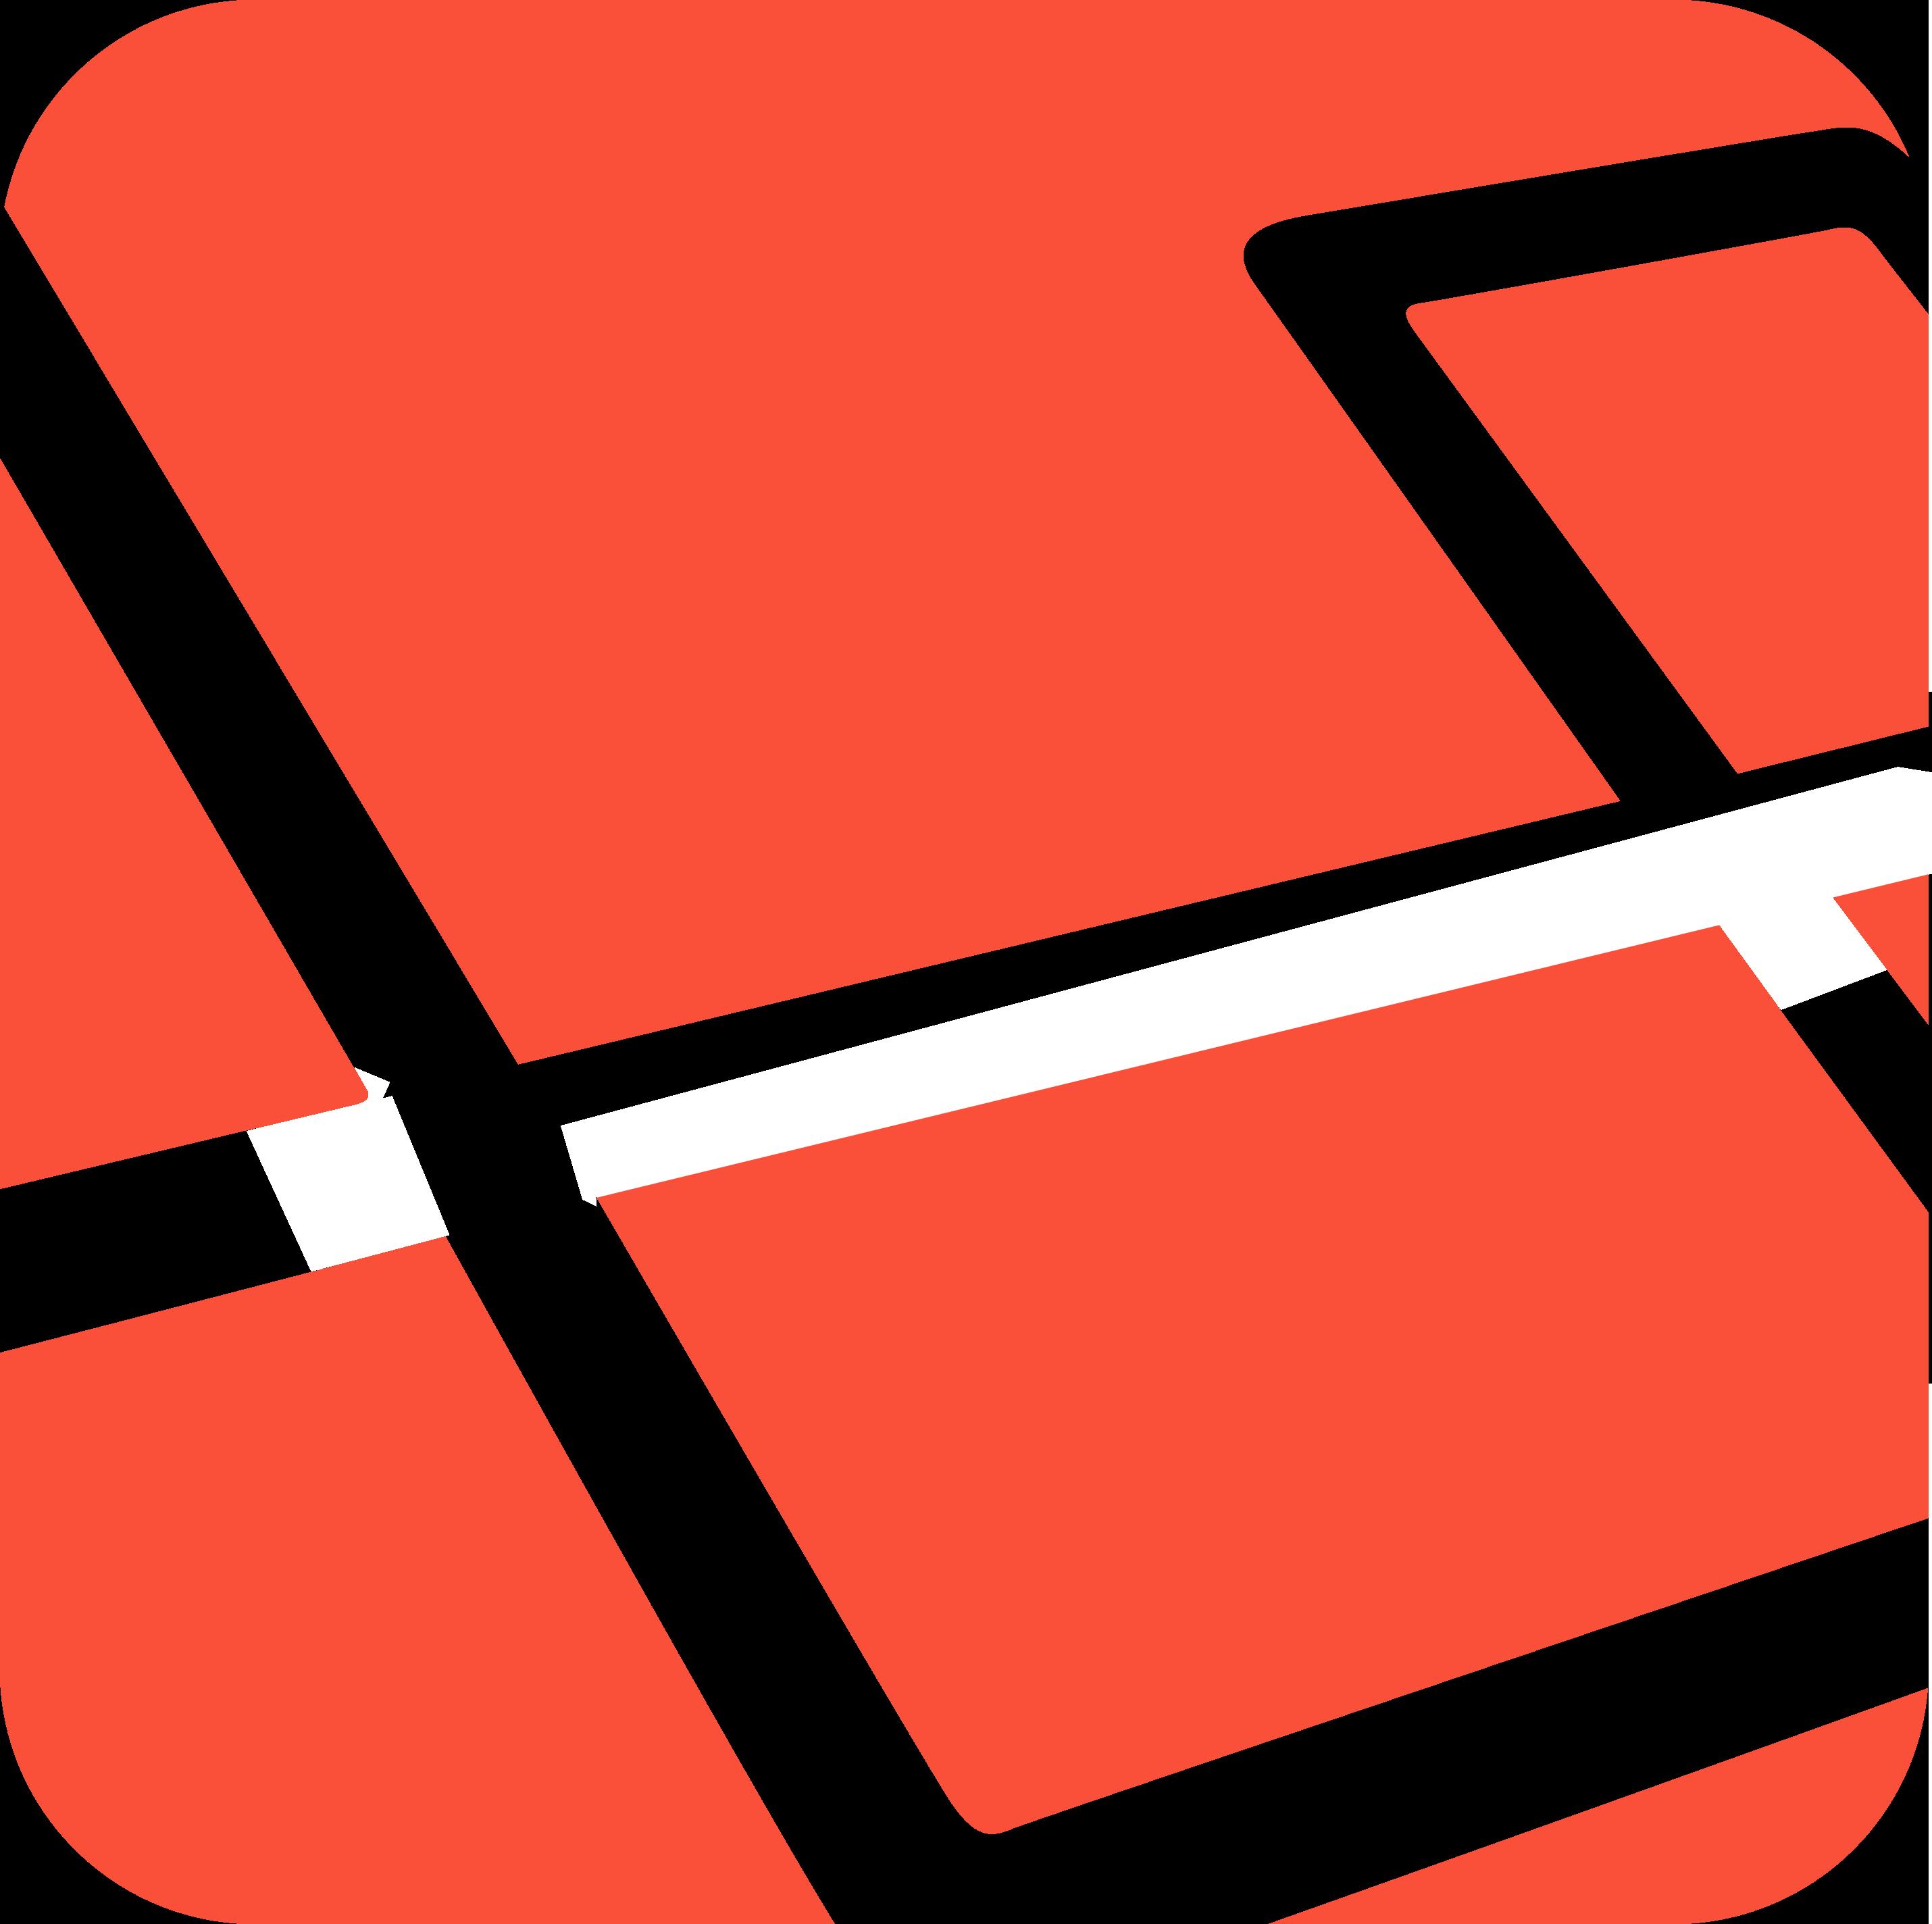 Laravel中autoload方法实现的用法详解